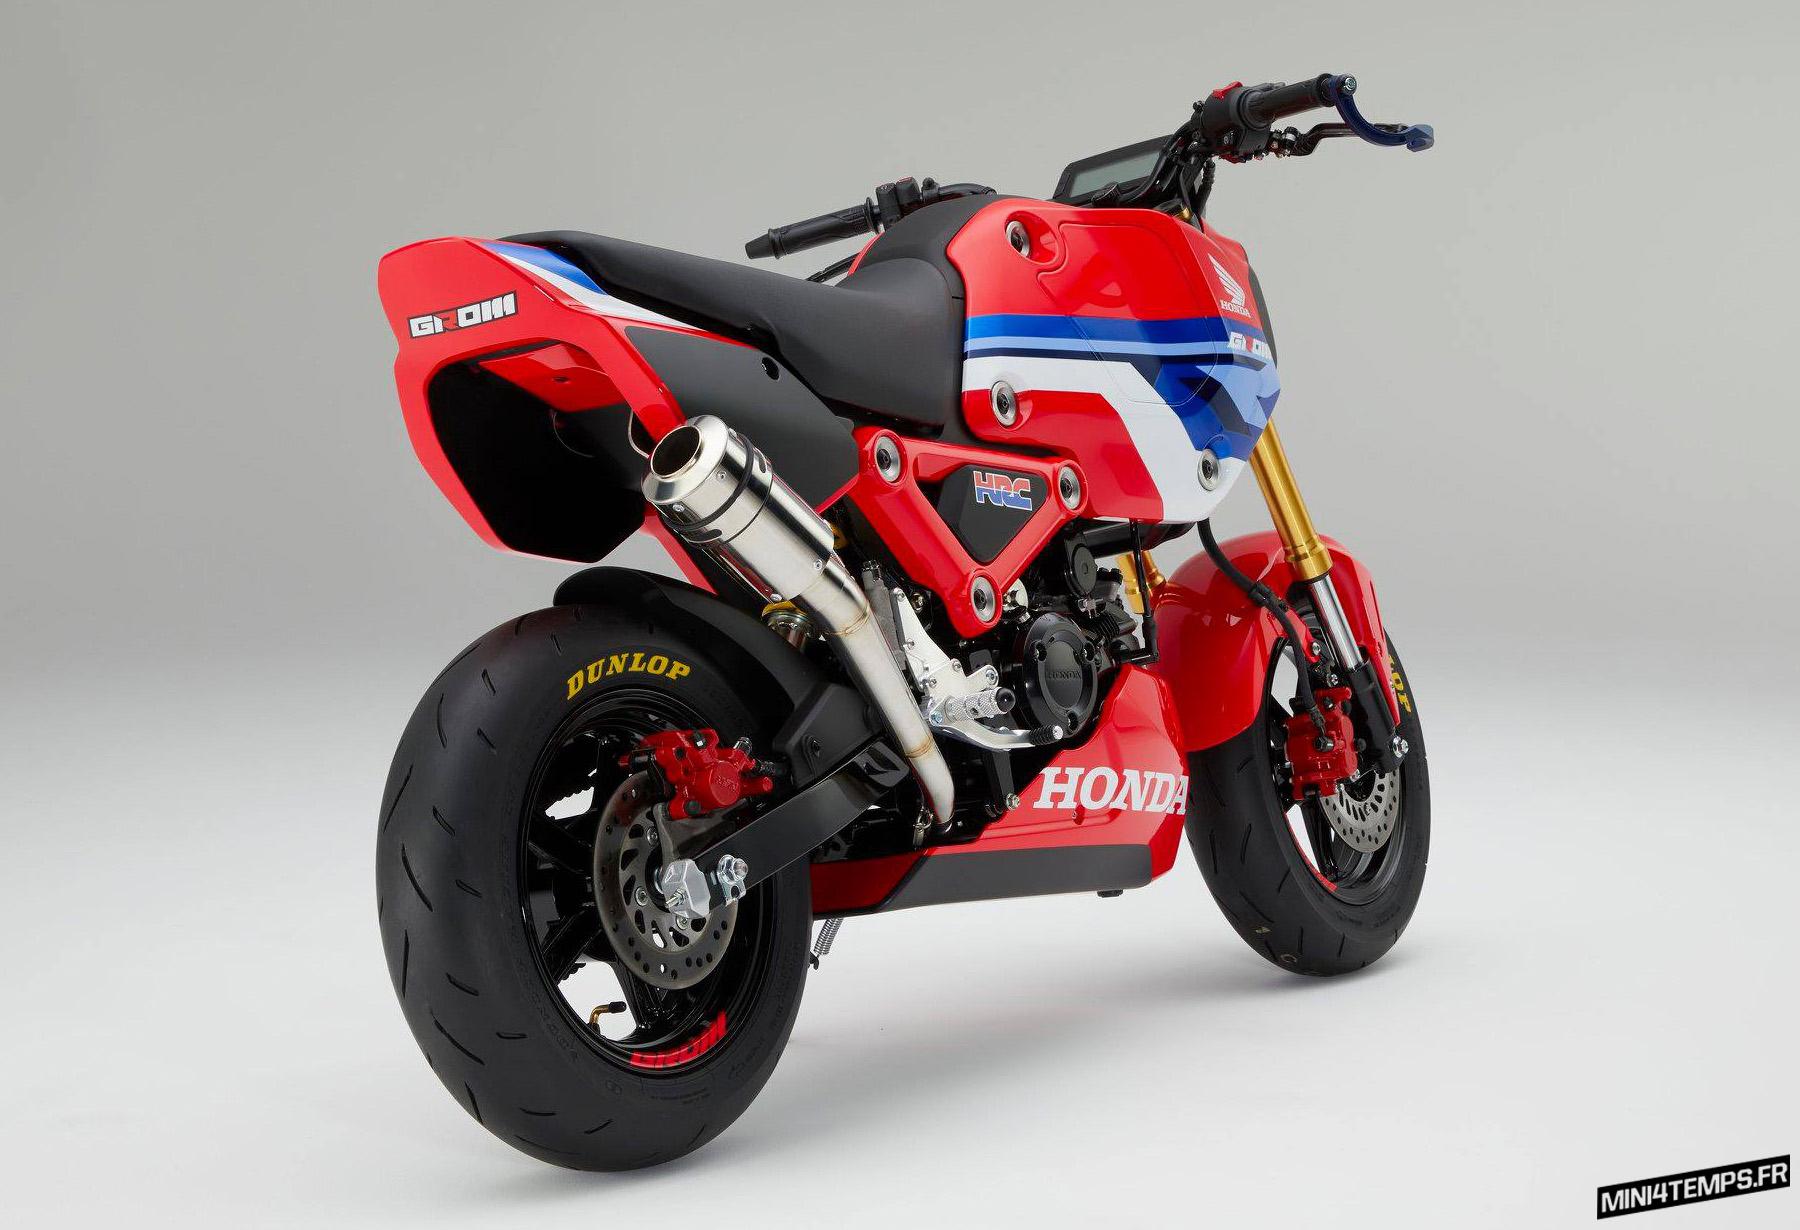 Un Honda MSX 125 customisé par le HRC / Grom 125 2021 - mini4temps.fr